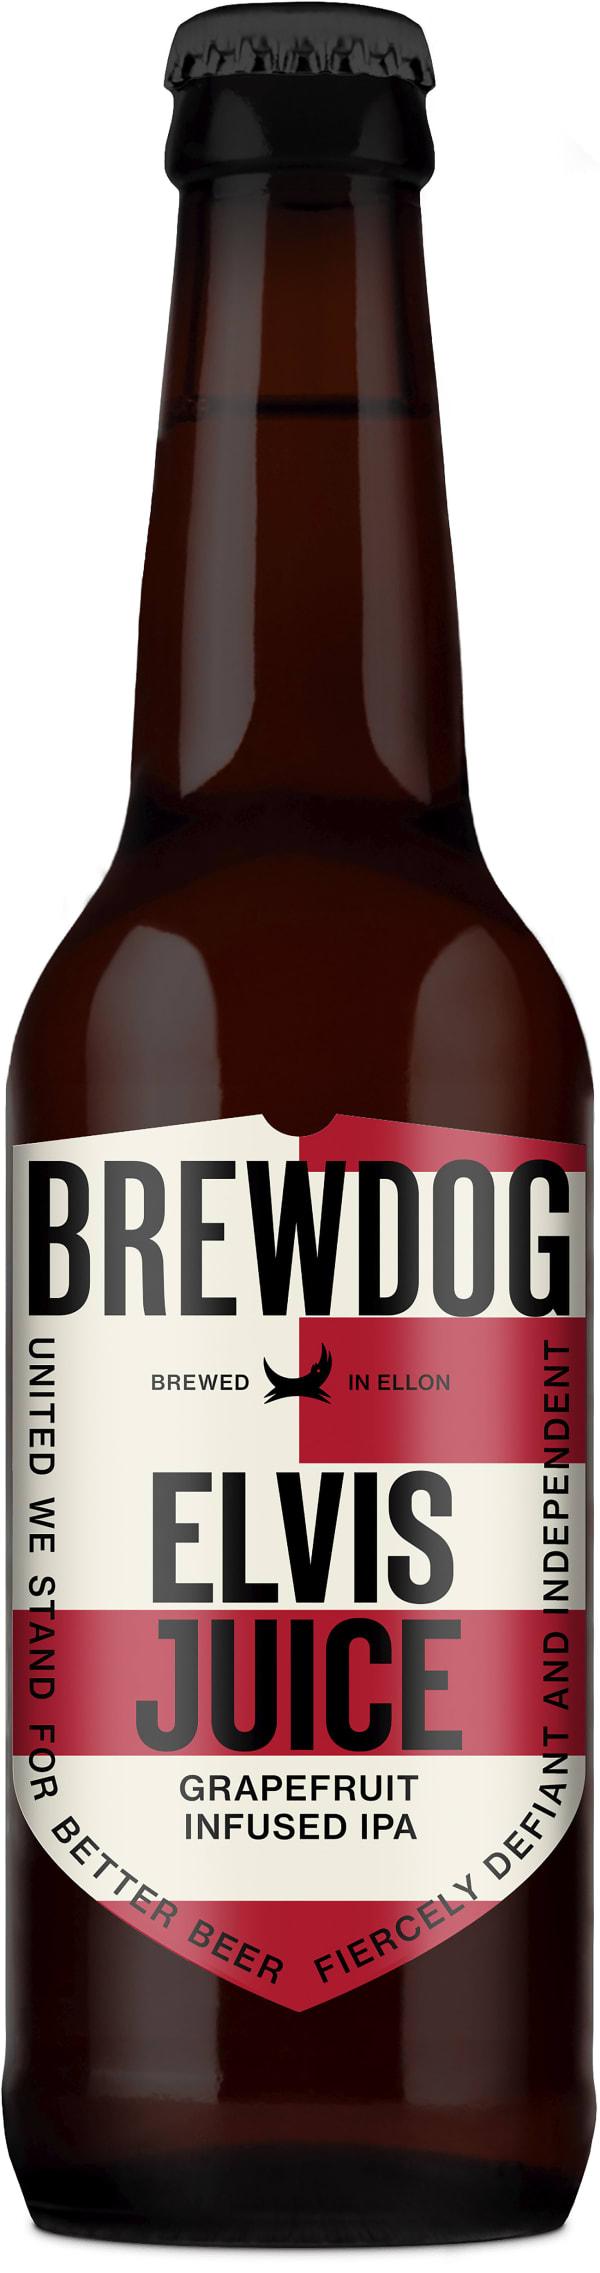 BrewDog Elvis Juice Grapefruit Infused IPA